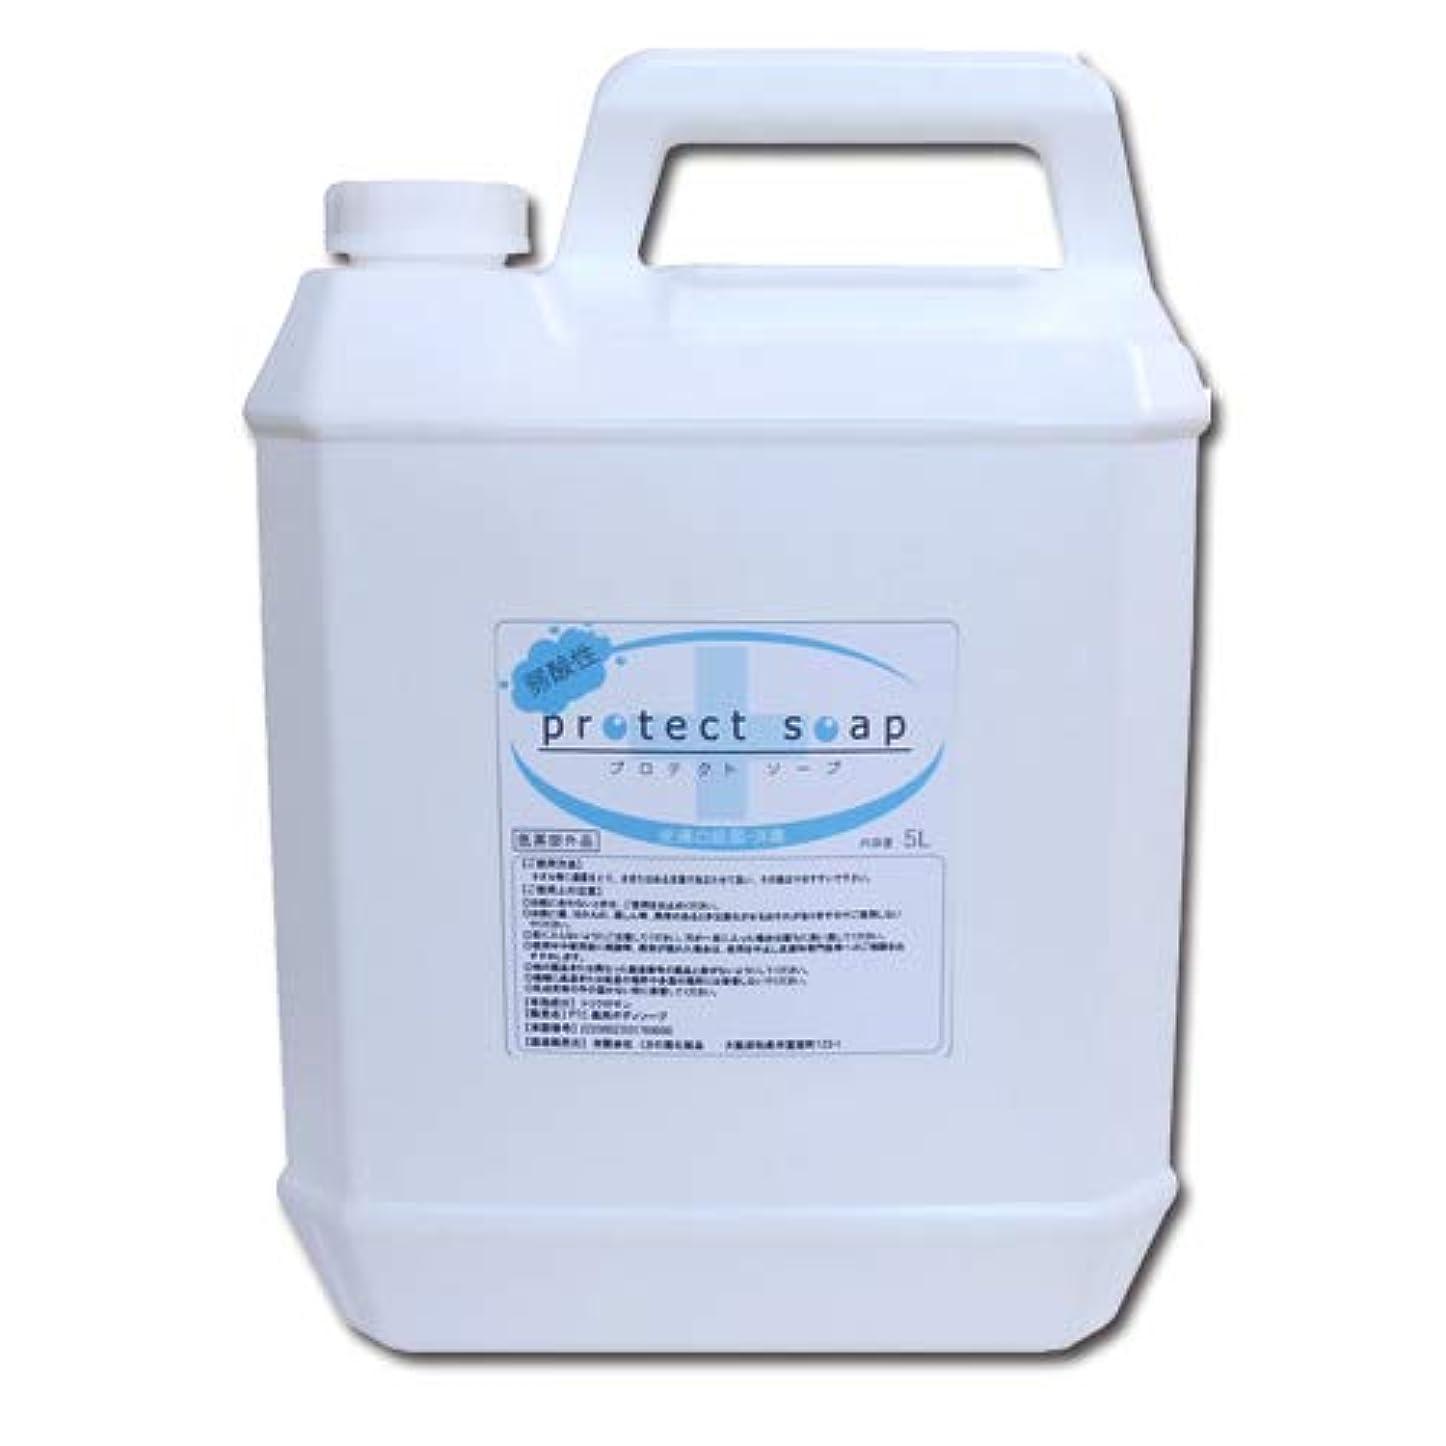 口実シンプルさ鯨低刺激弱酸性 液体石鹸 プロテクトソープ 5L 業務用│せっけん液 液体せっけん 殺菌?消毒 インフルエンザ?ノロウィルス対策